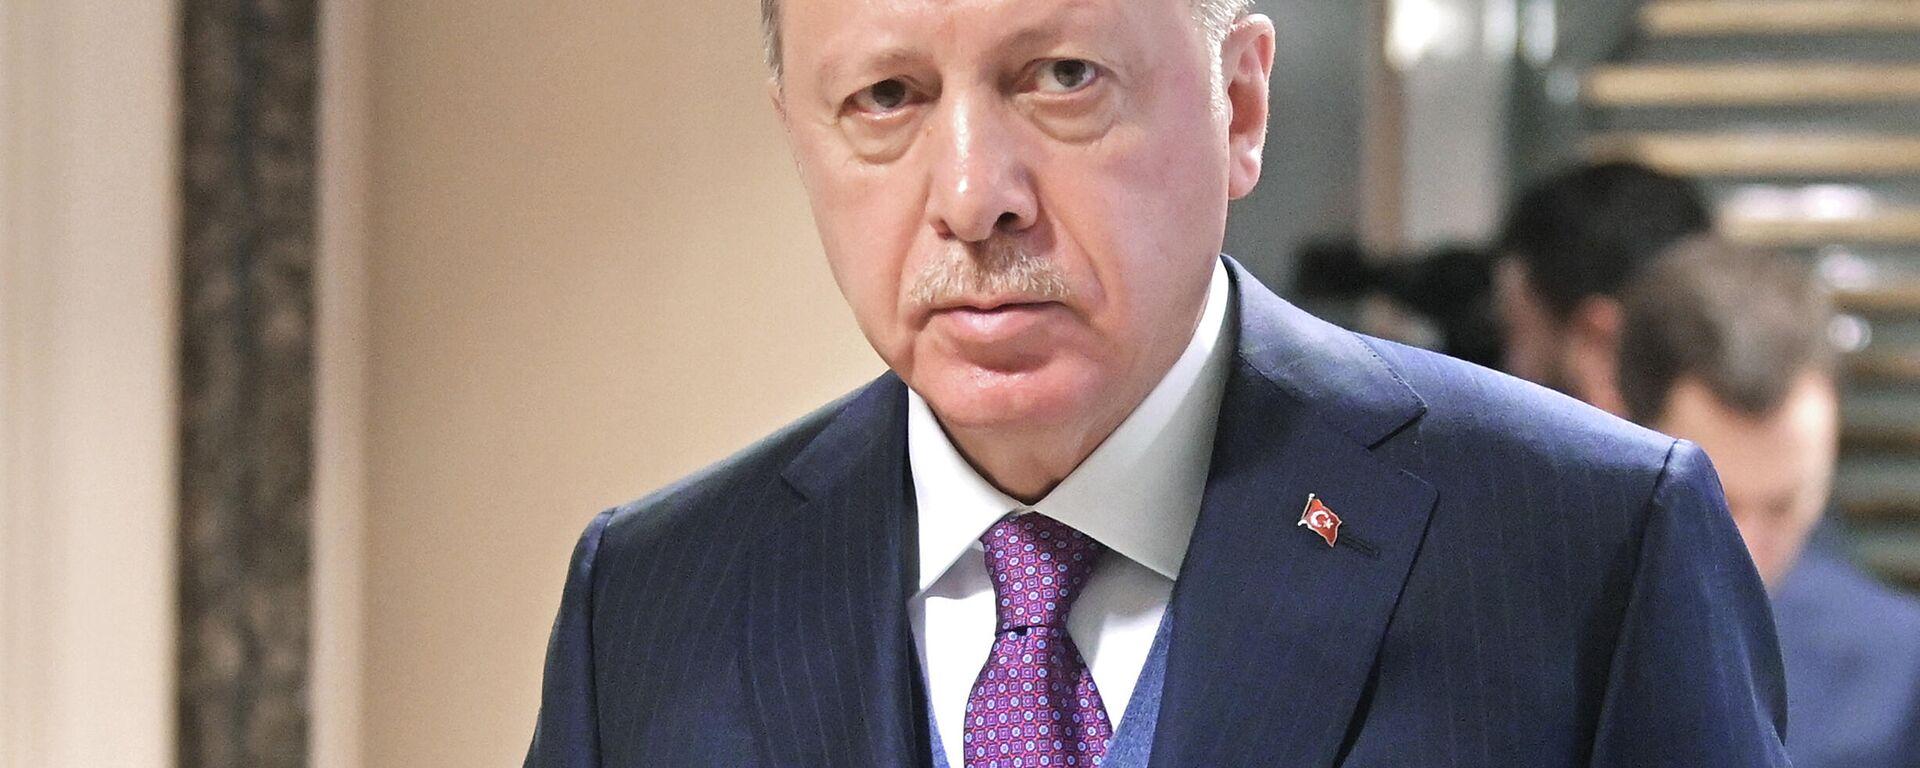 Der türkische Präsident Recep Tayyip Erdogan (Archivfoto) - SNA, 1920, 24.07.2021